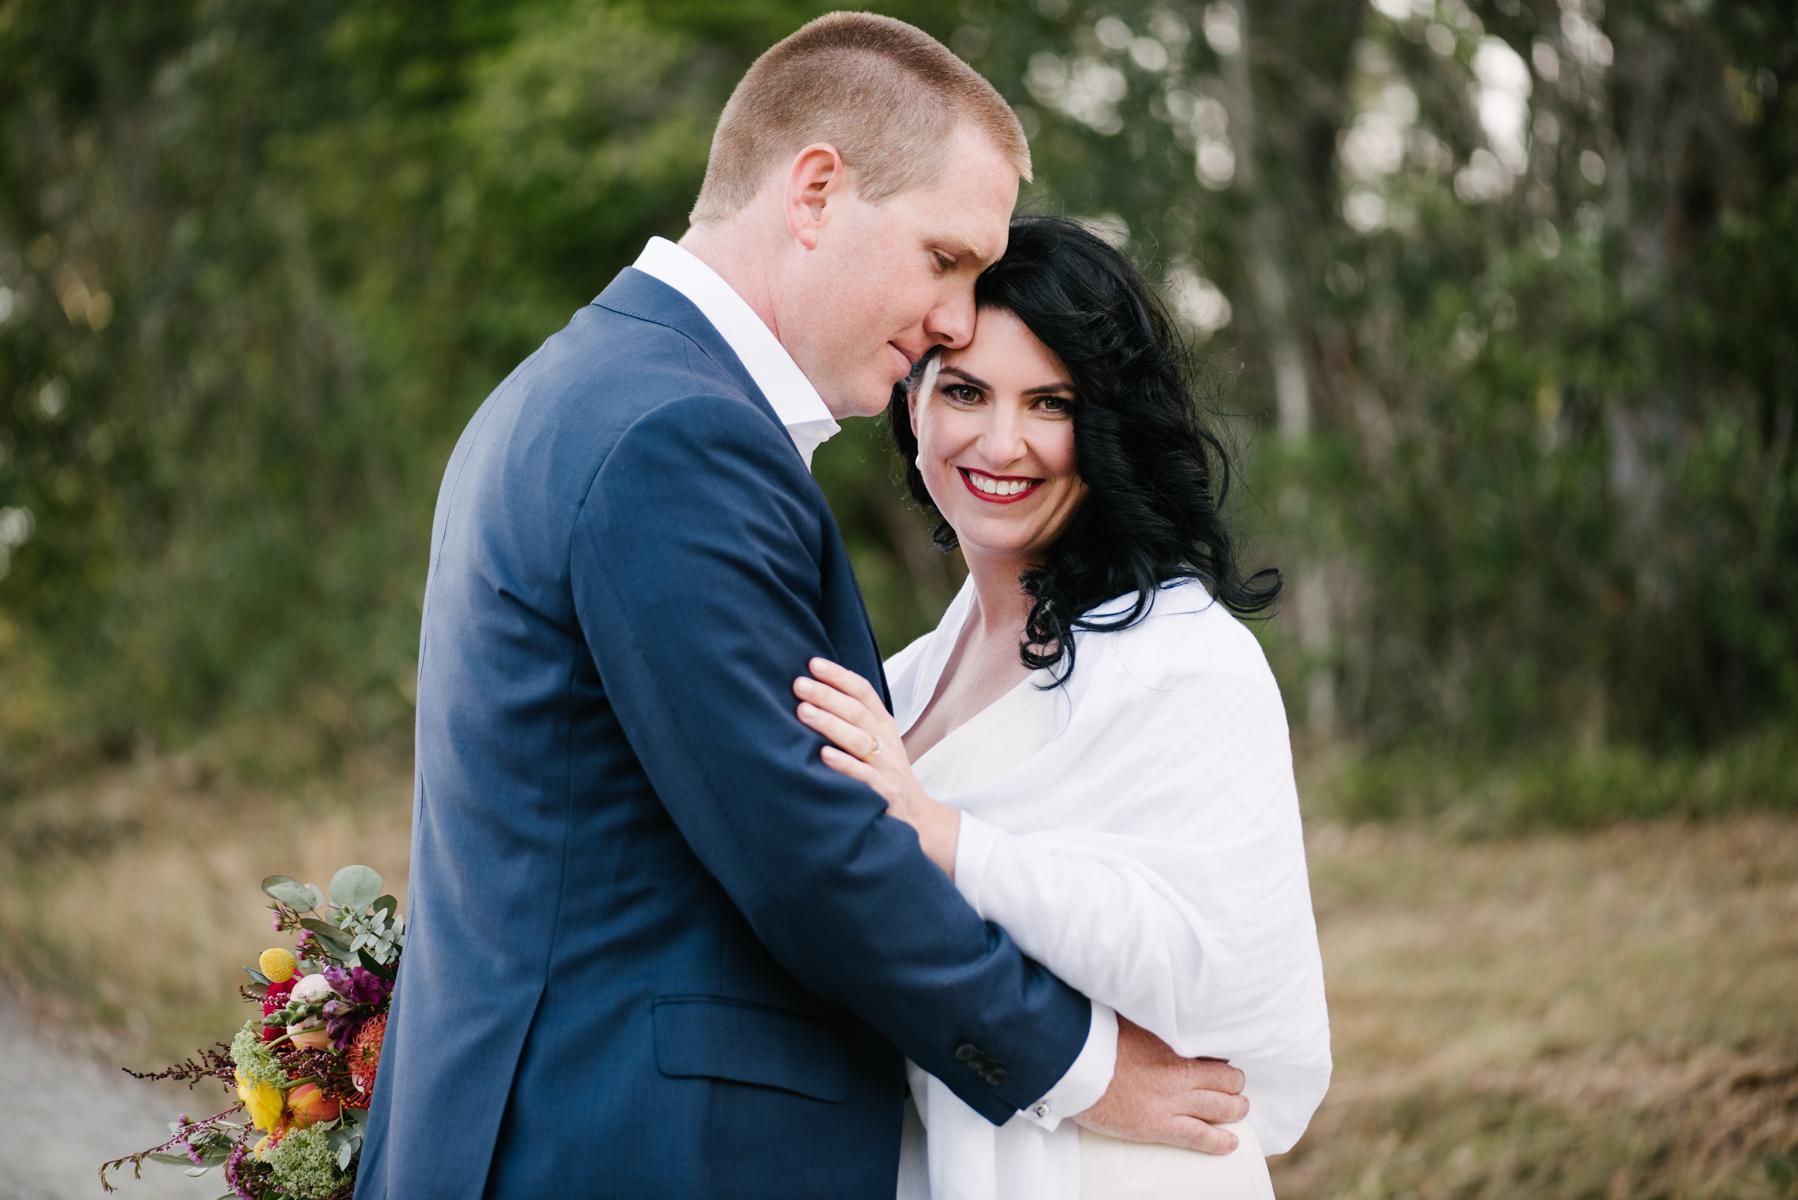 sarahandBenwedding- skyla sage photography weddings, families, byron bay,tweed coast,kingscliff,cabarita,gold coast-660.jpg